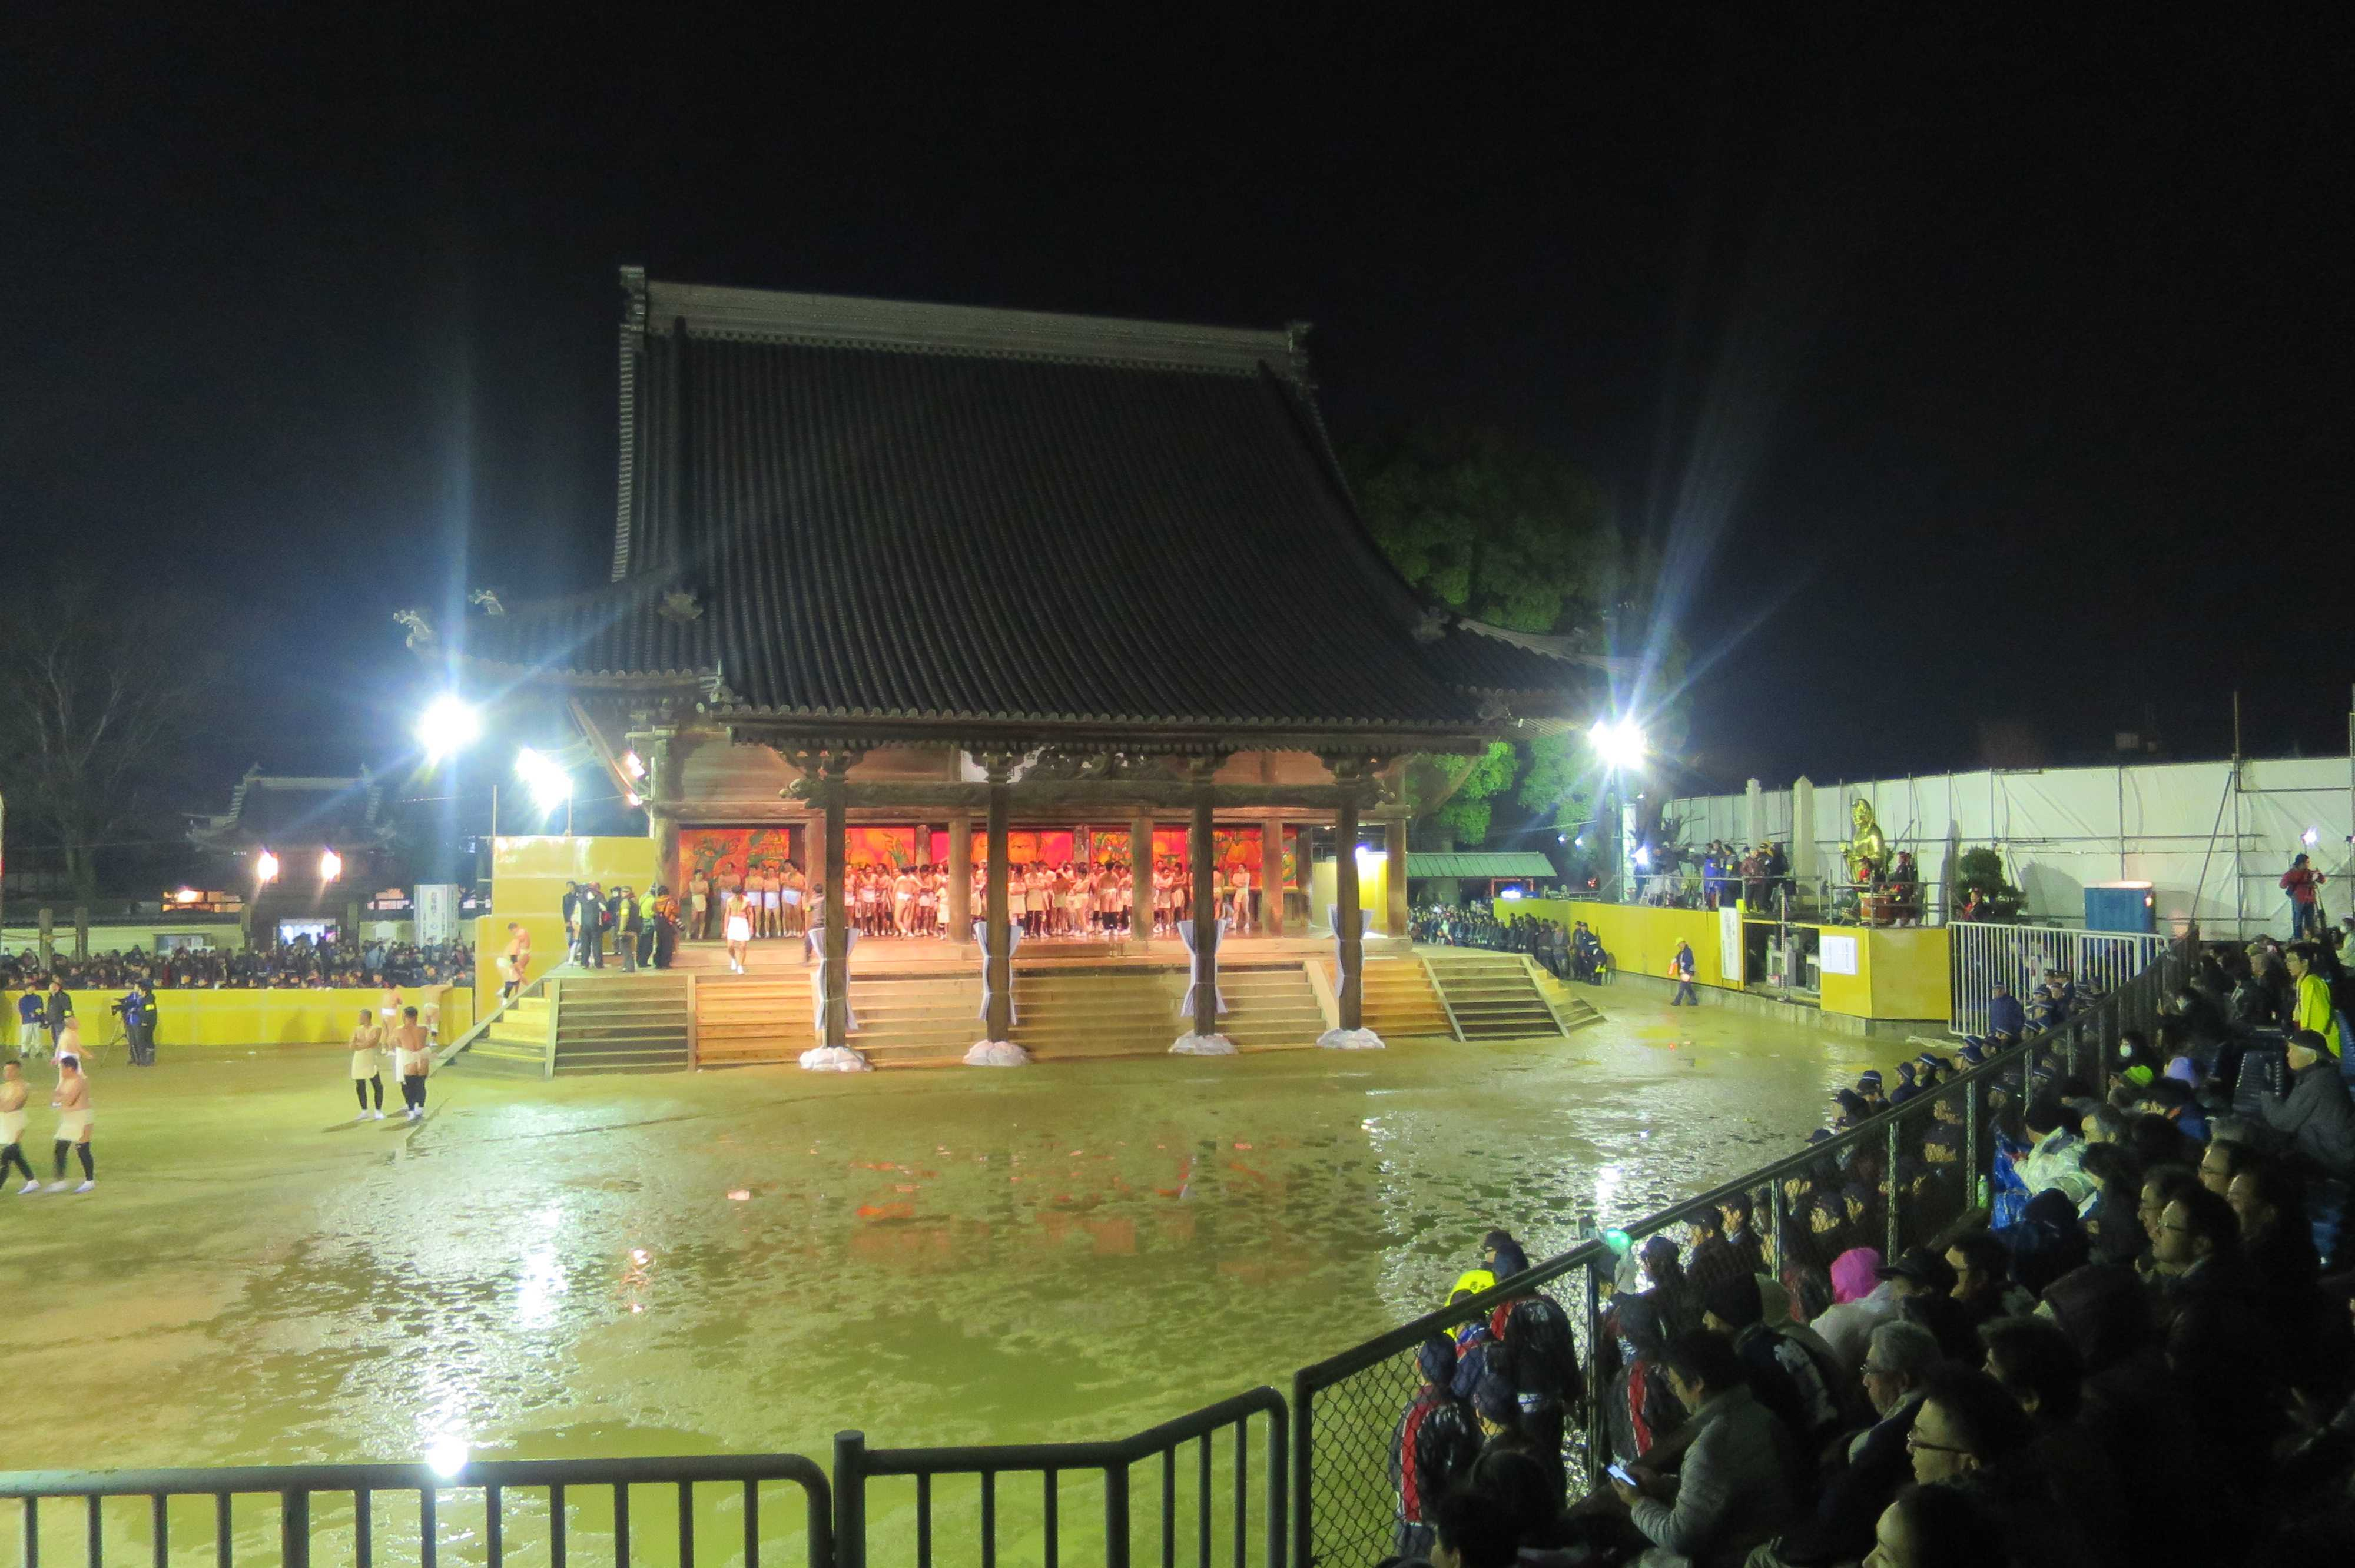 西大寺会陽 - 本堂の大床に集まる裸群